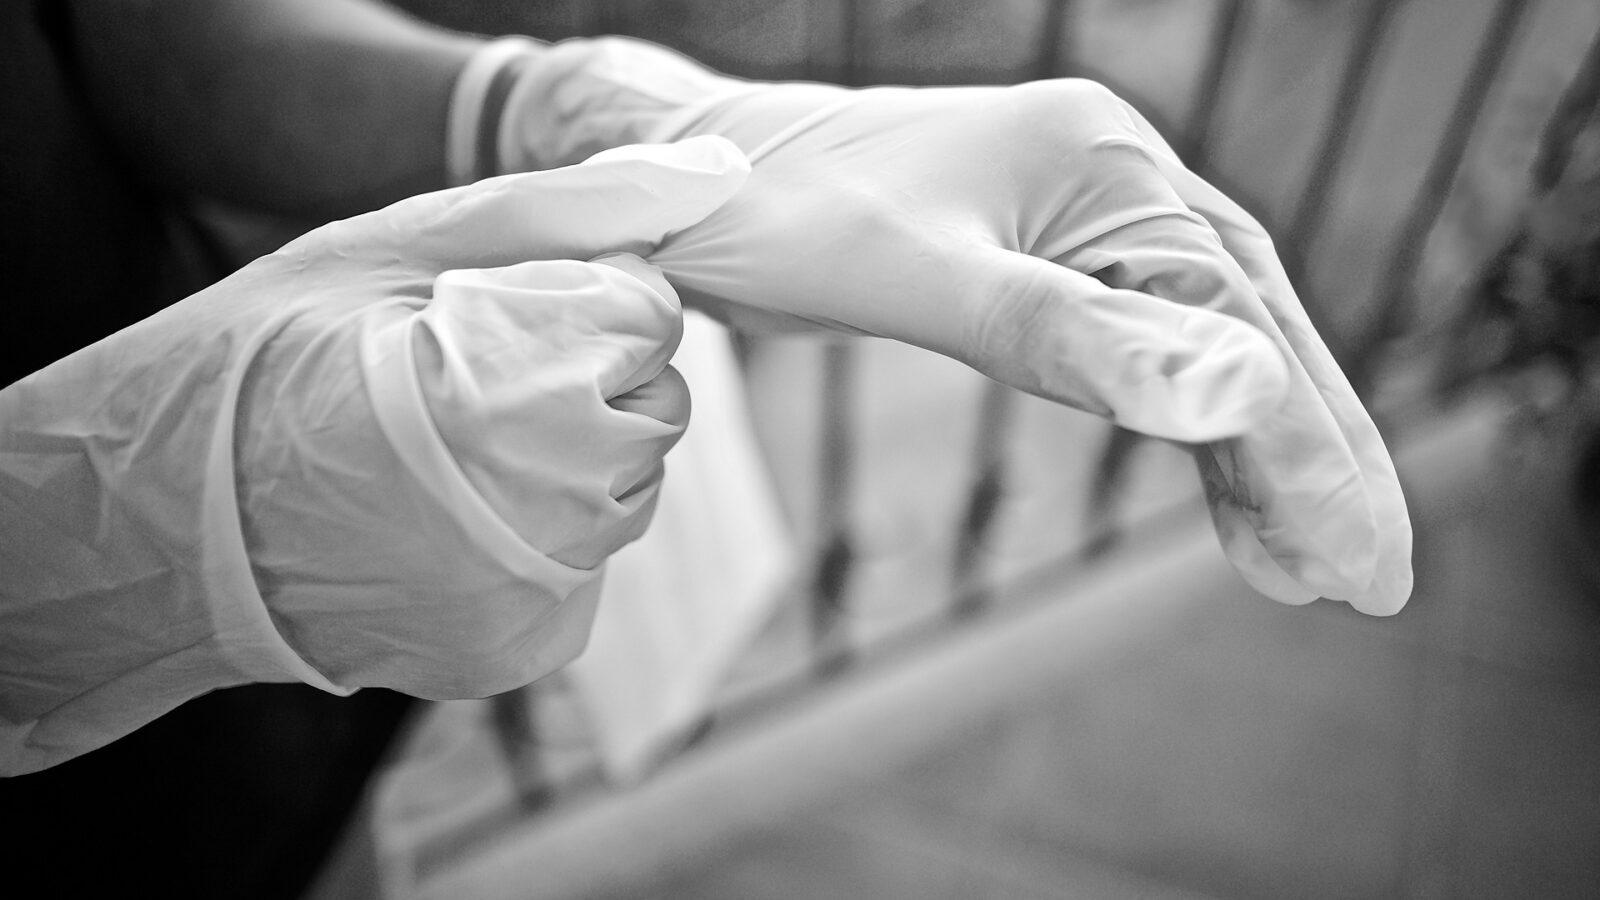 «В конце месяца государство возместит расходы транспортных компаний»: начальник управления транспорта Ташкента о требовании к пассажирам носить перчатки